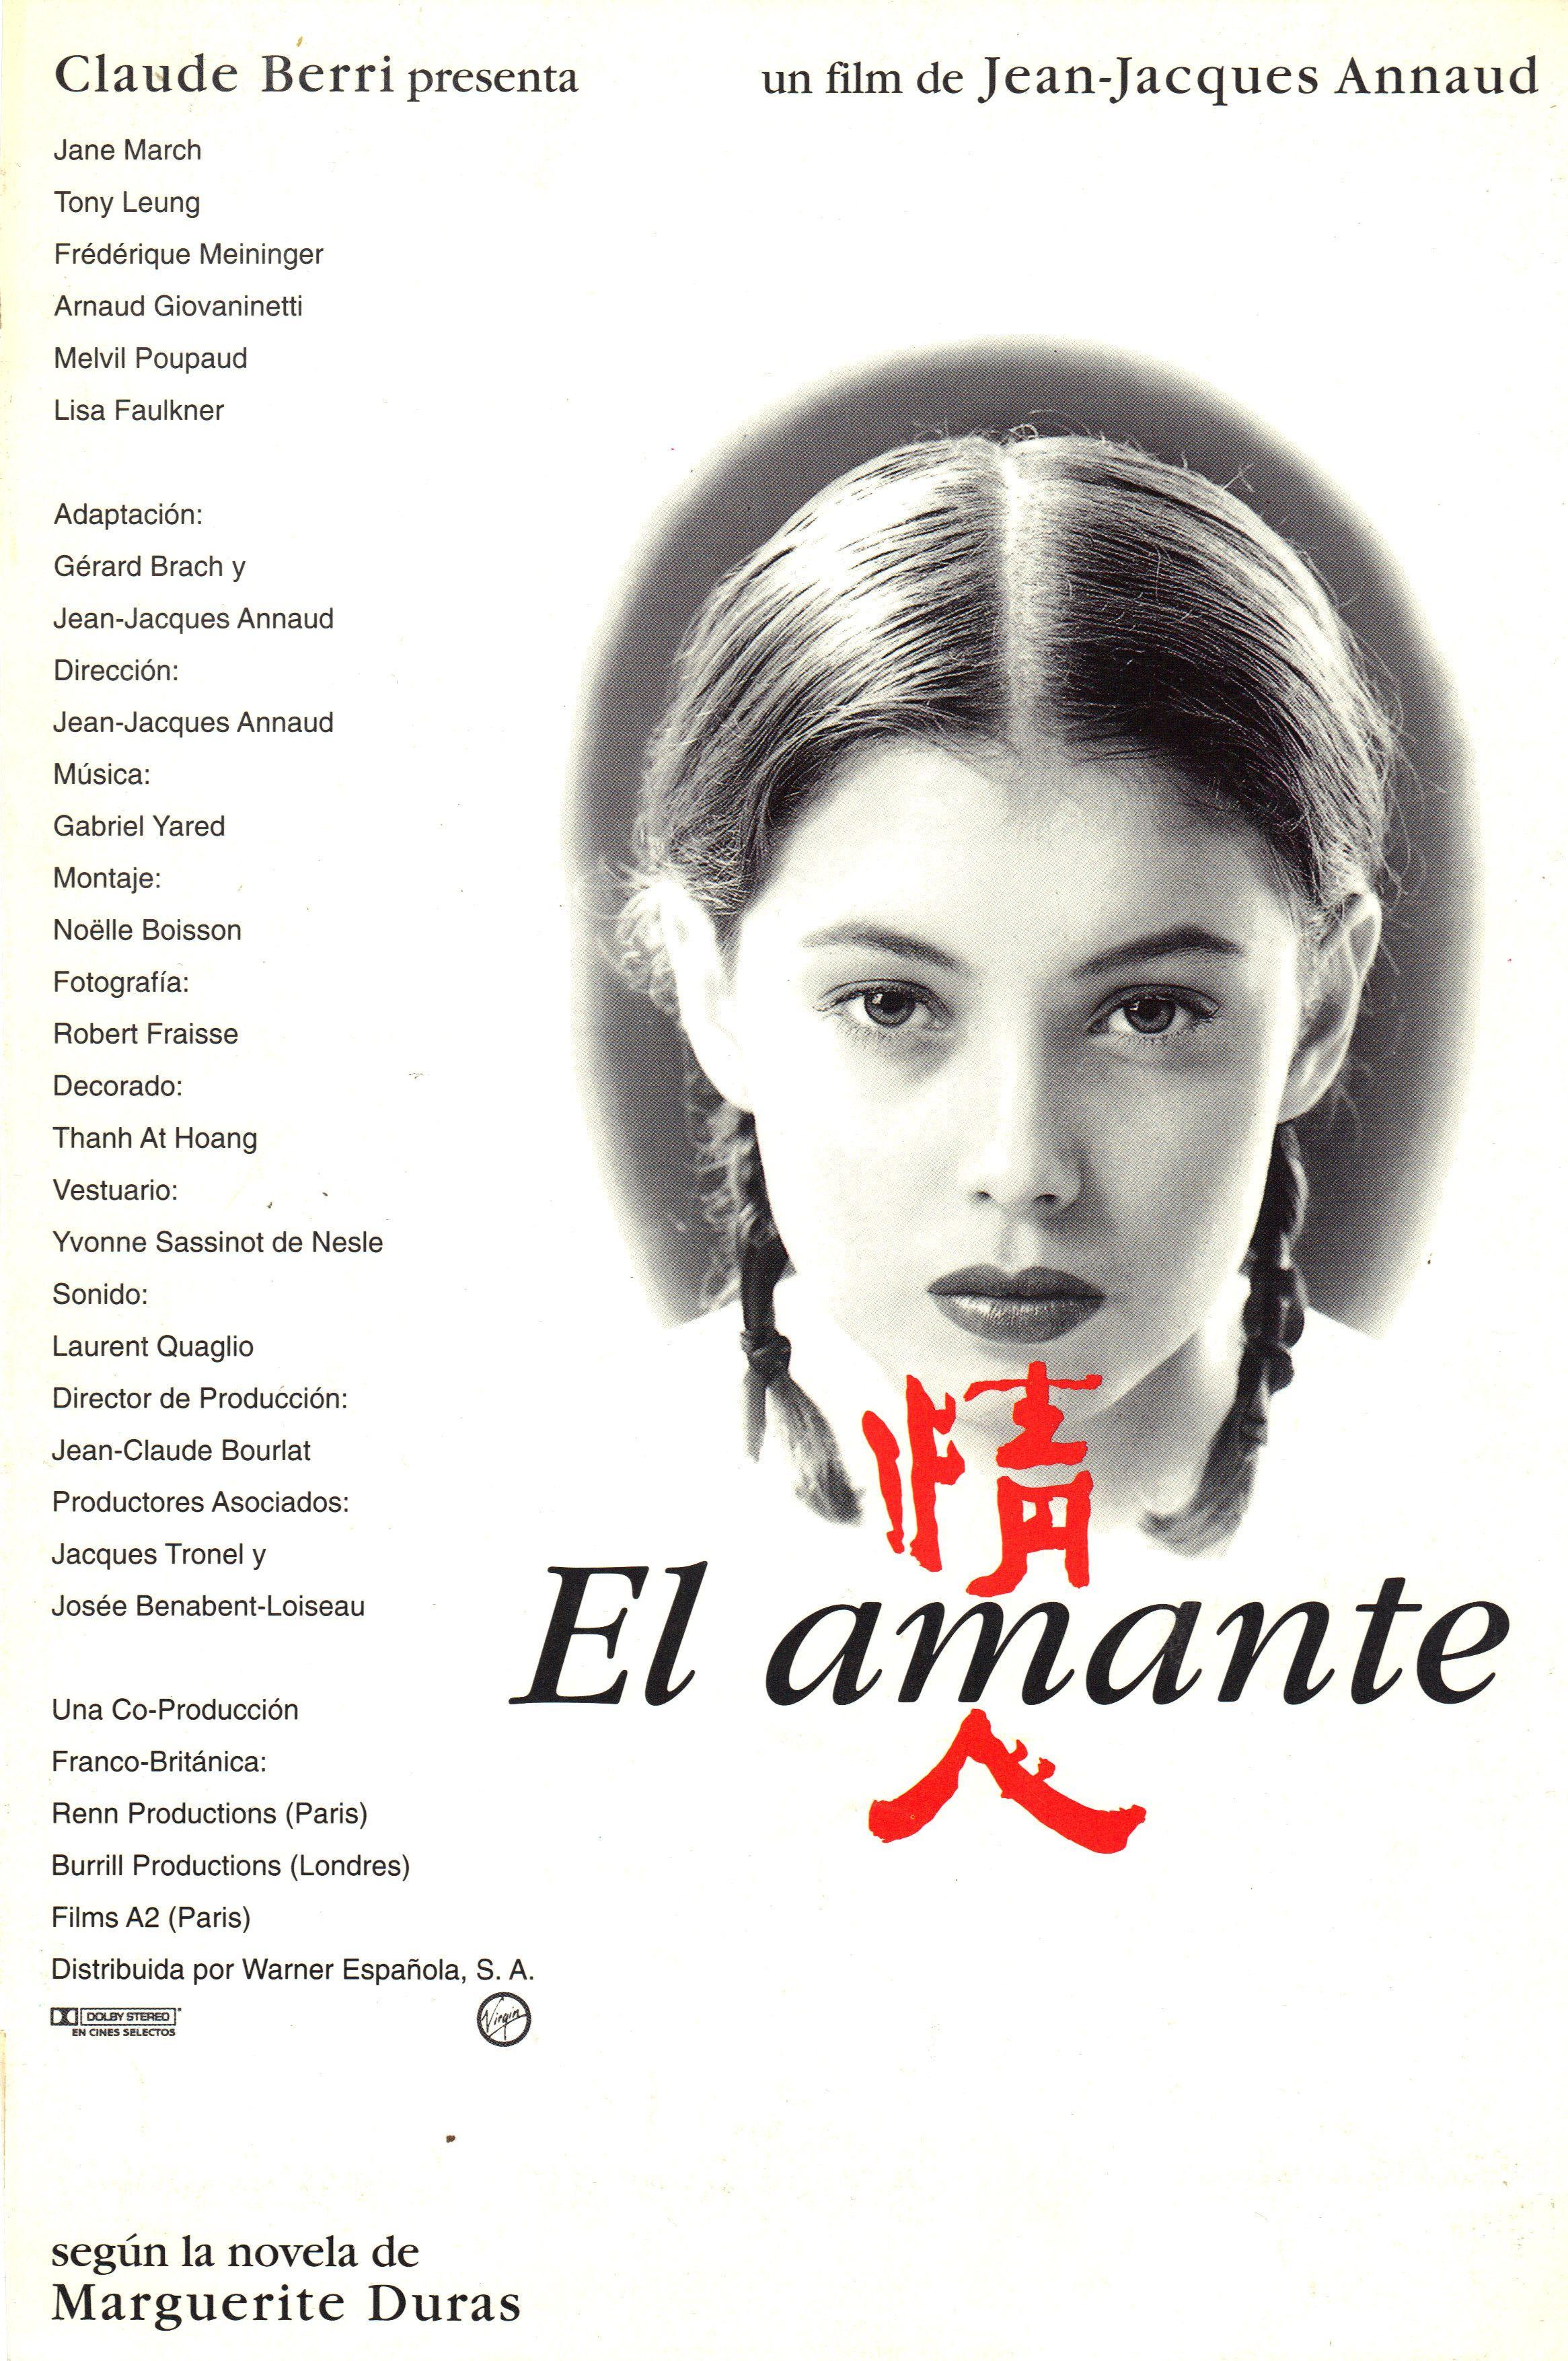 El Amante 1992 Ver Peliculas Online Gratis Ver El Amante Online Gratis Elamante Http Mwfo Pro 182199 Full Movies Online Free Full Movies Imdb Movies